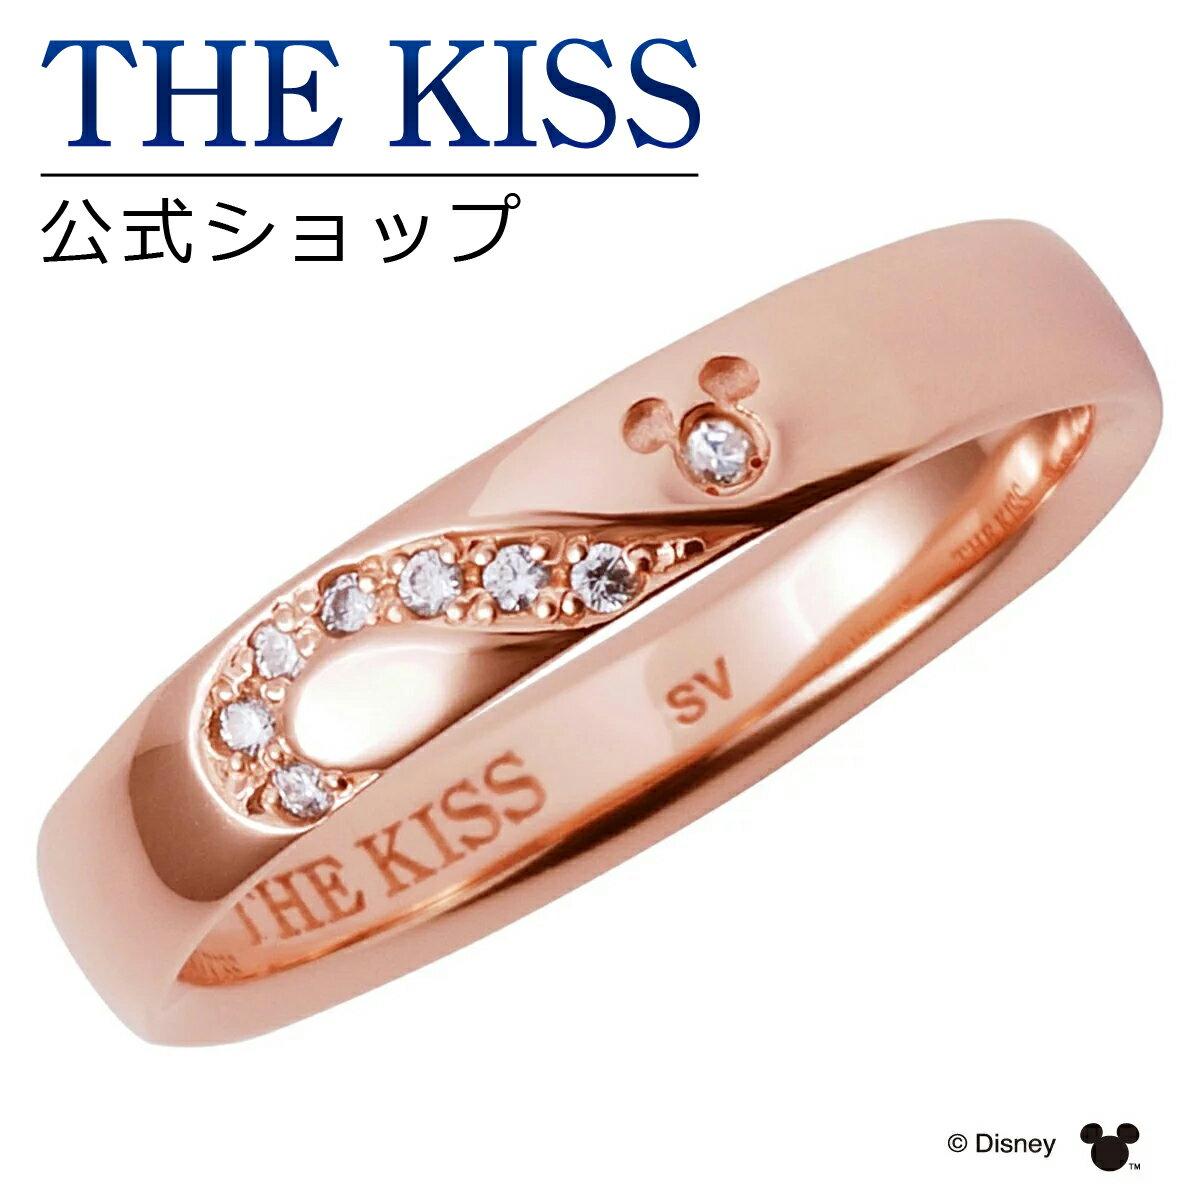 【あす楽対応】【ディズニーコレクション】 ディズニー / ペアリング / 隠れミッキーマウス / THE KISS リング・指輪 シルバー ダイヤモンド (レディース 単品) DI-SR6000DM ザキス 【送料無料】【Disneyzone】